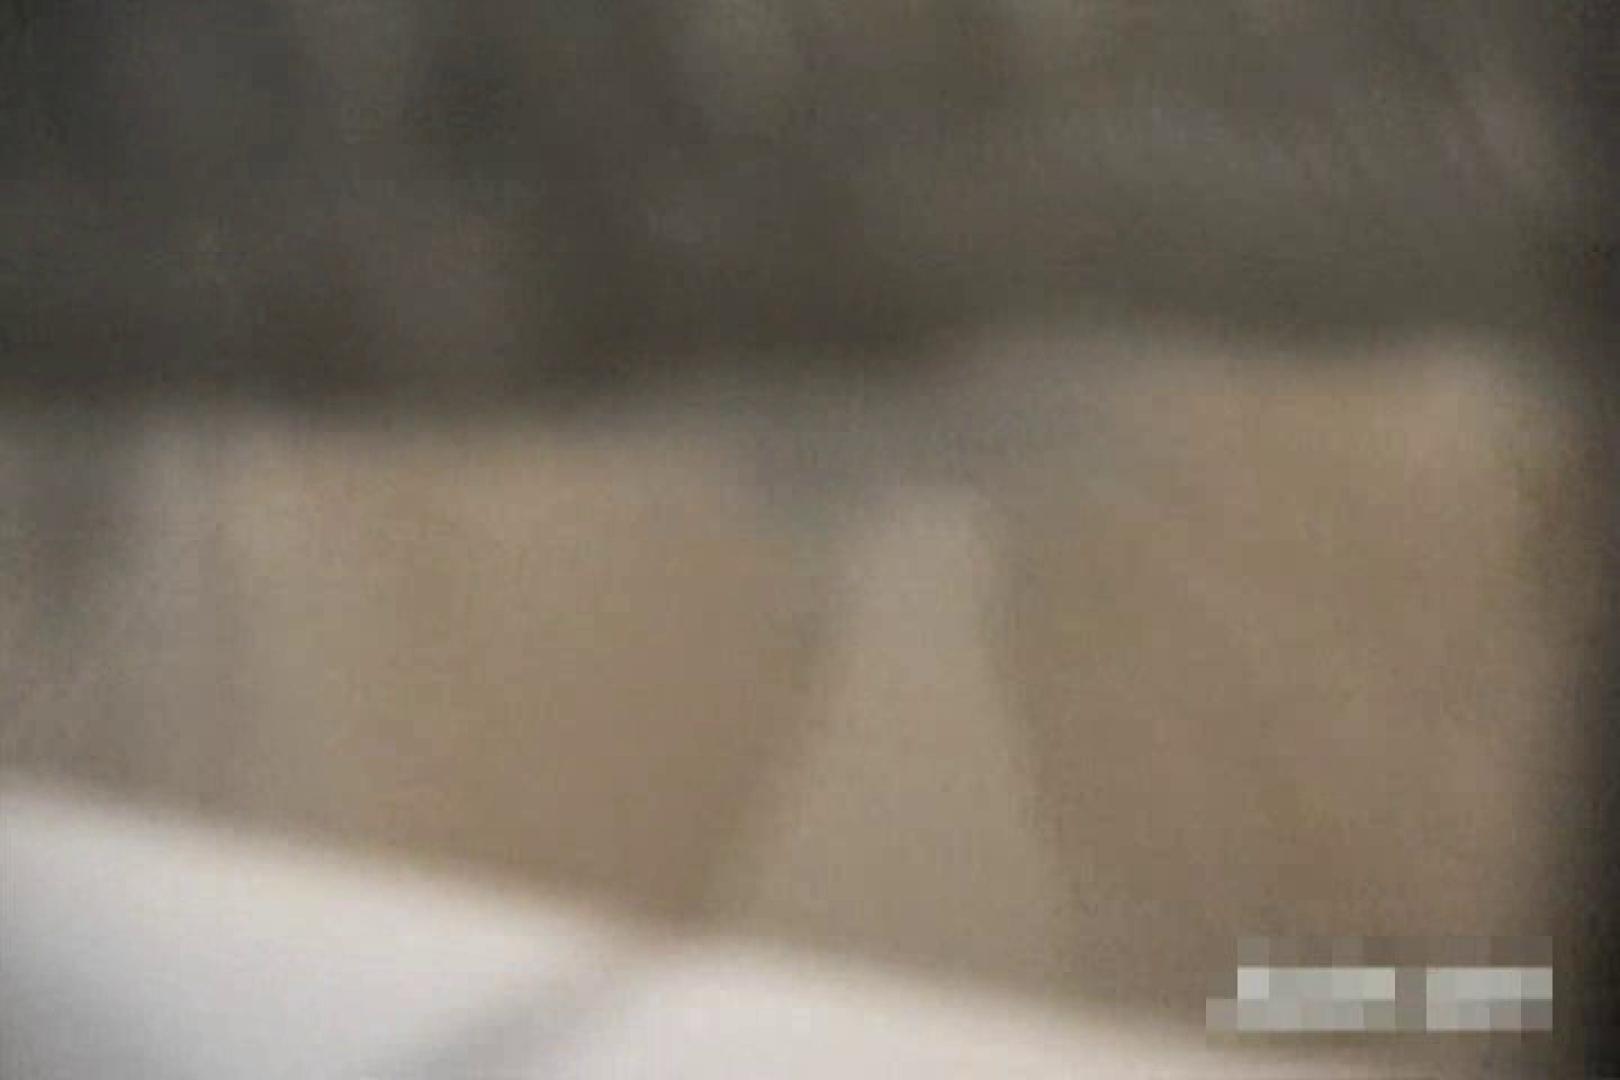 激撮ストーカー記録あなたのお宅拝見しますVol.2 お姉さんのヌード | 民家  66画像 41